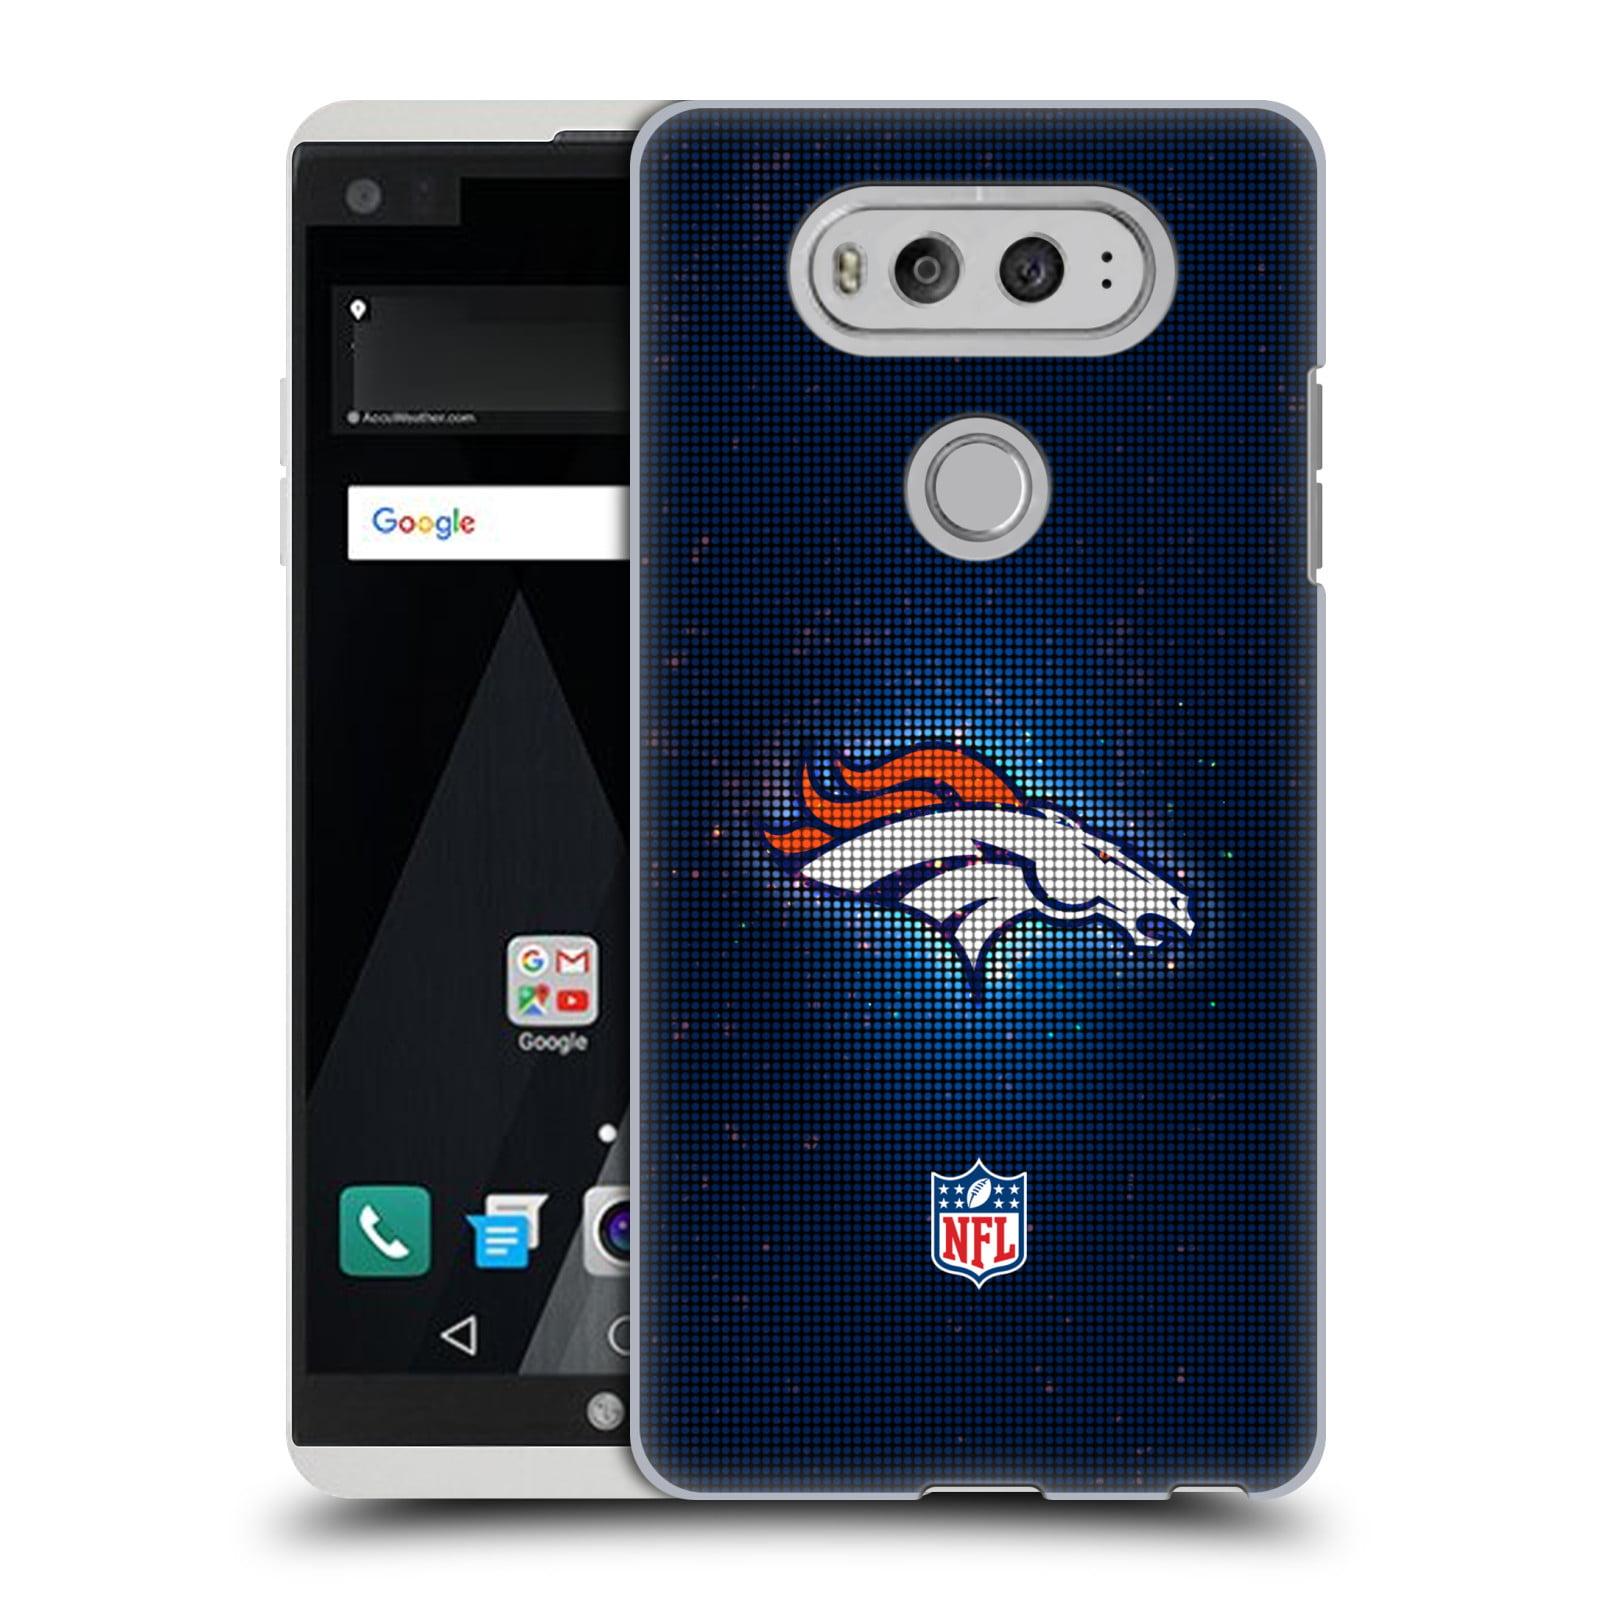 OFFICIAL NFL 2017/18 DENVER BRONCOS HARD BACK CASE FOR LG PHONES 1